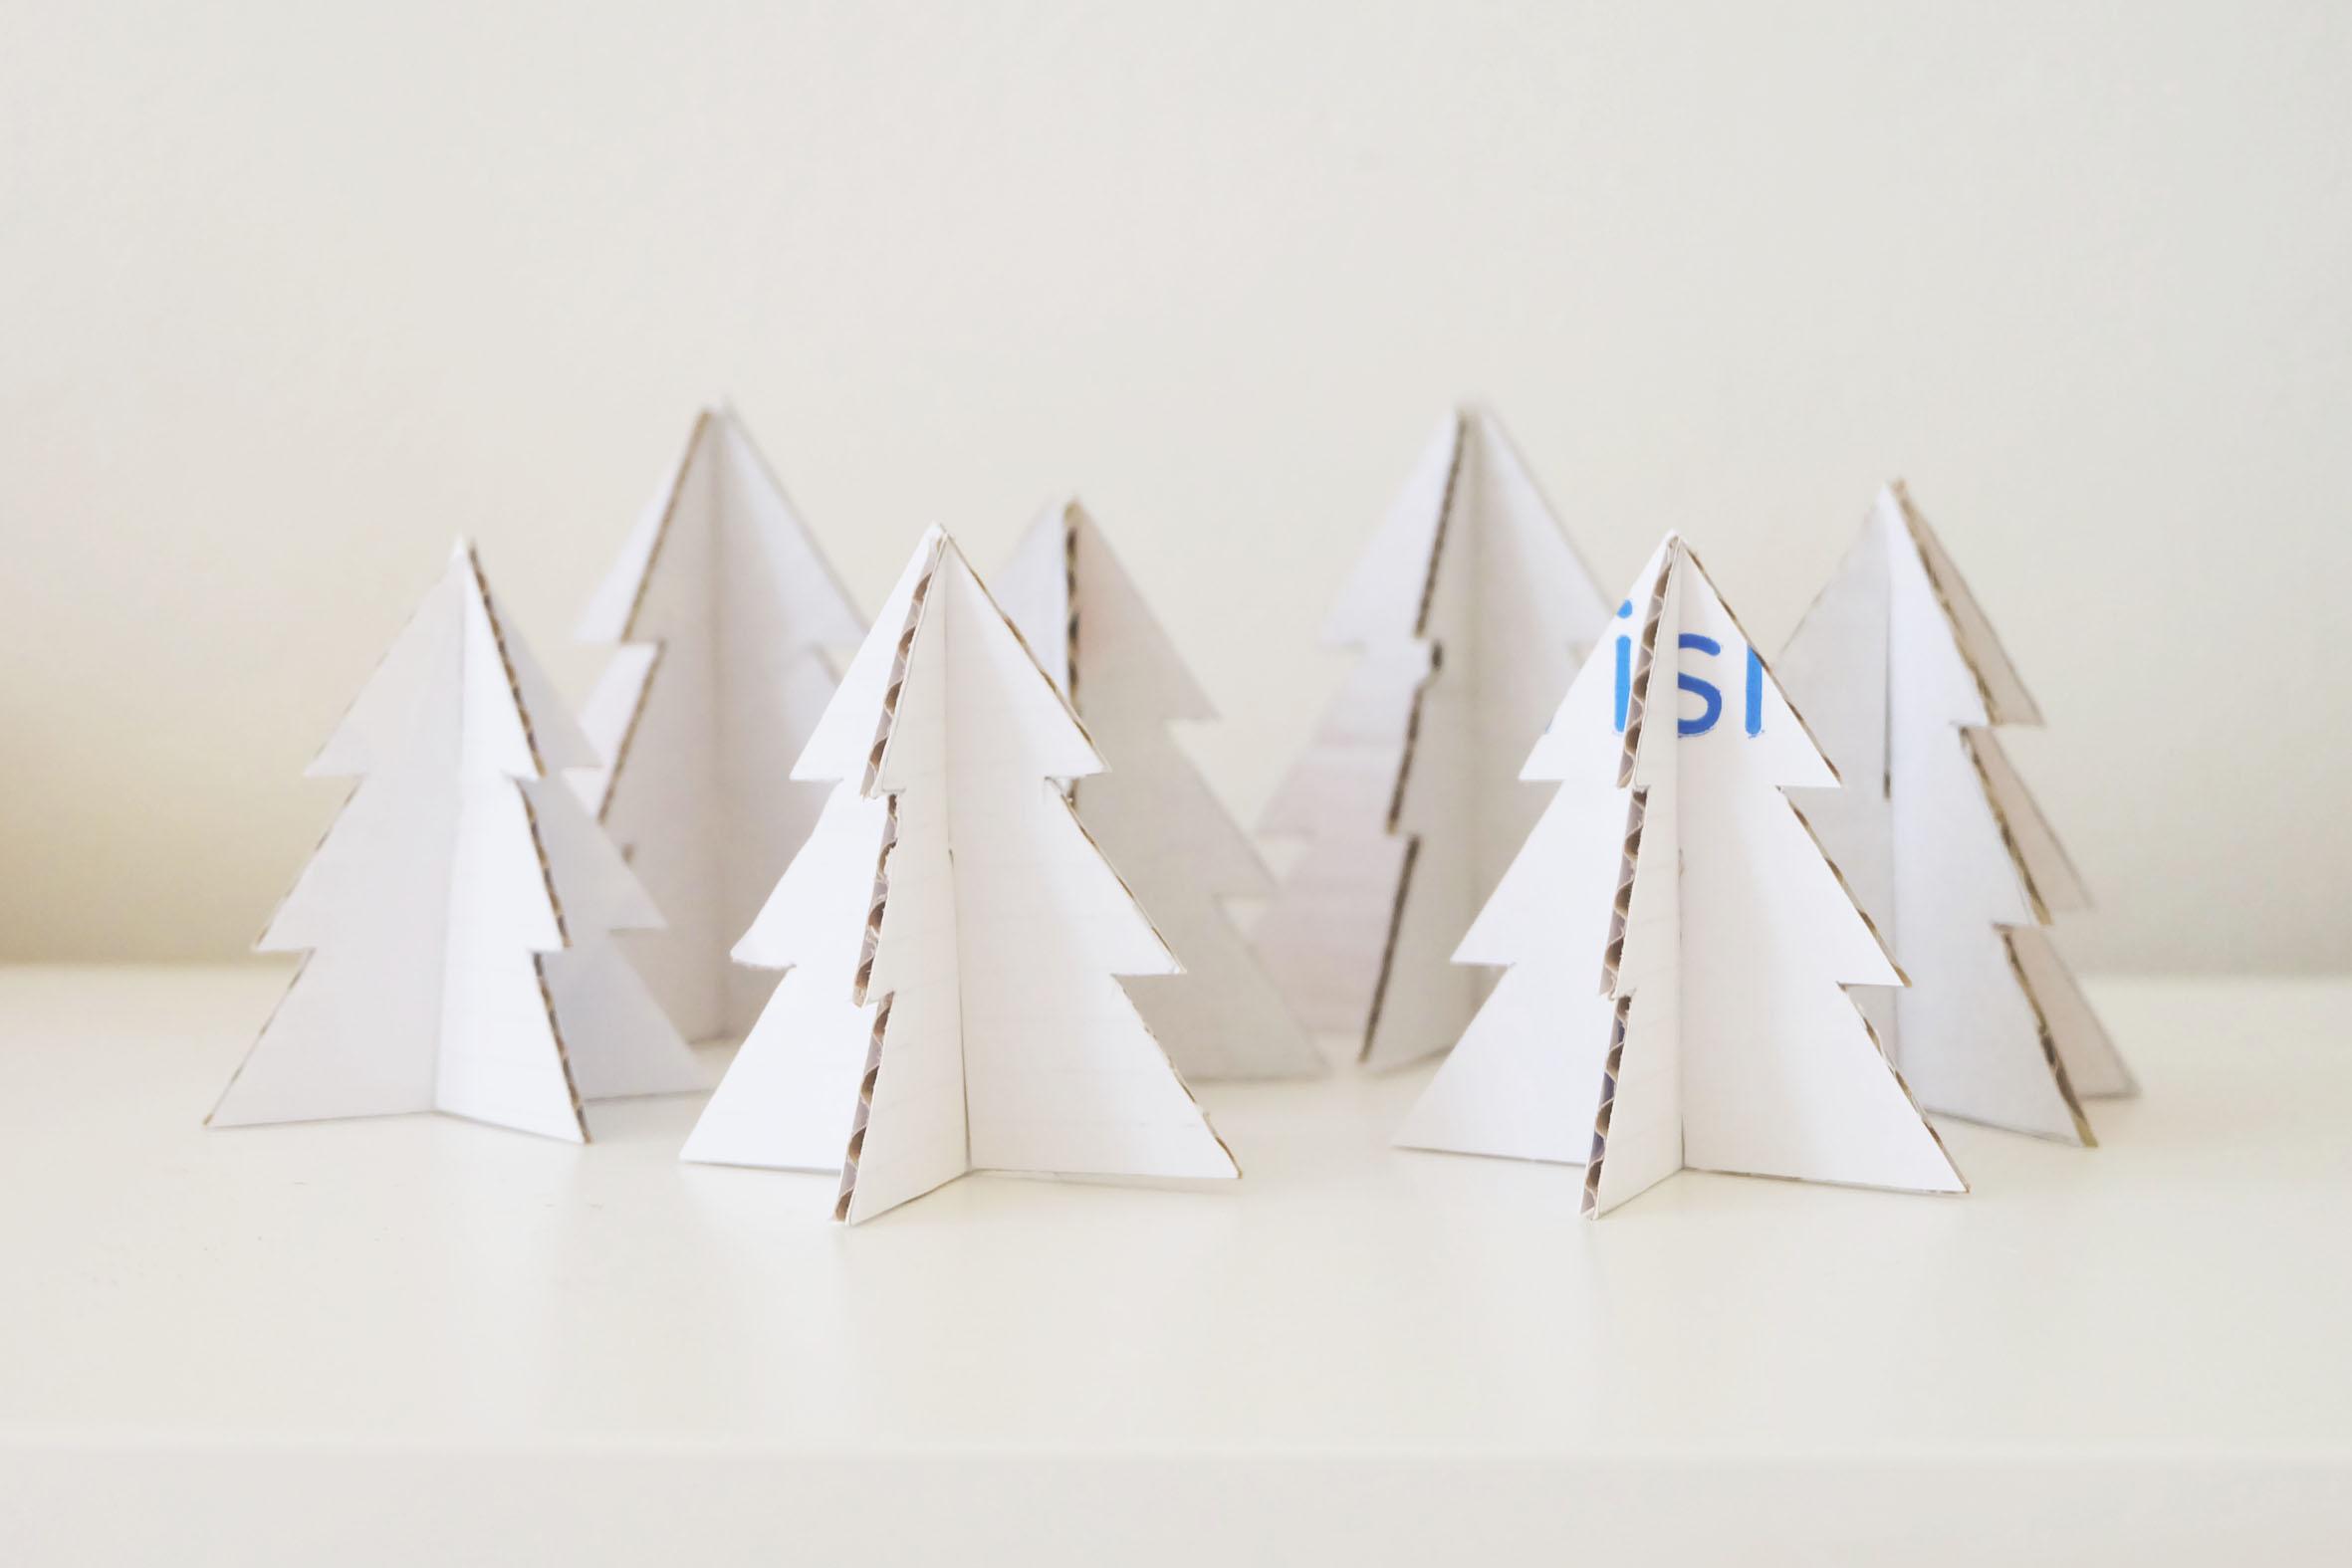 Kerstboompjes_karton op een rij.jpg